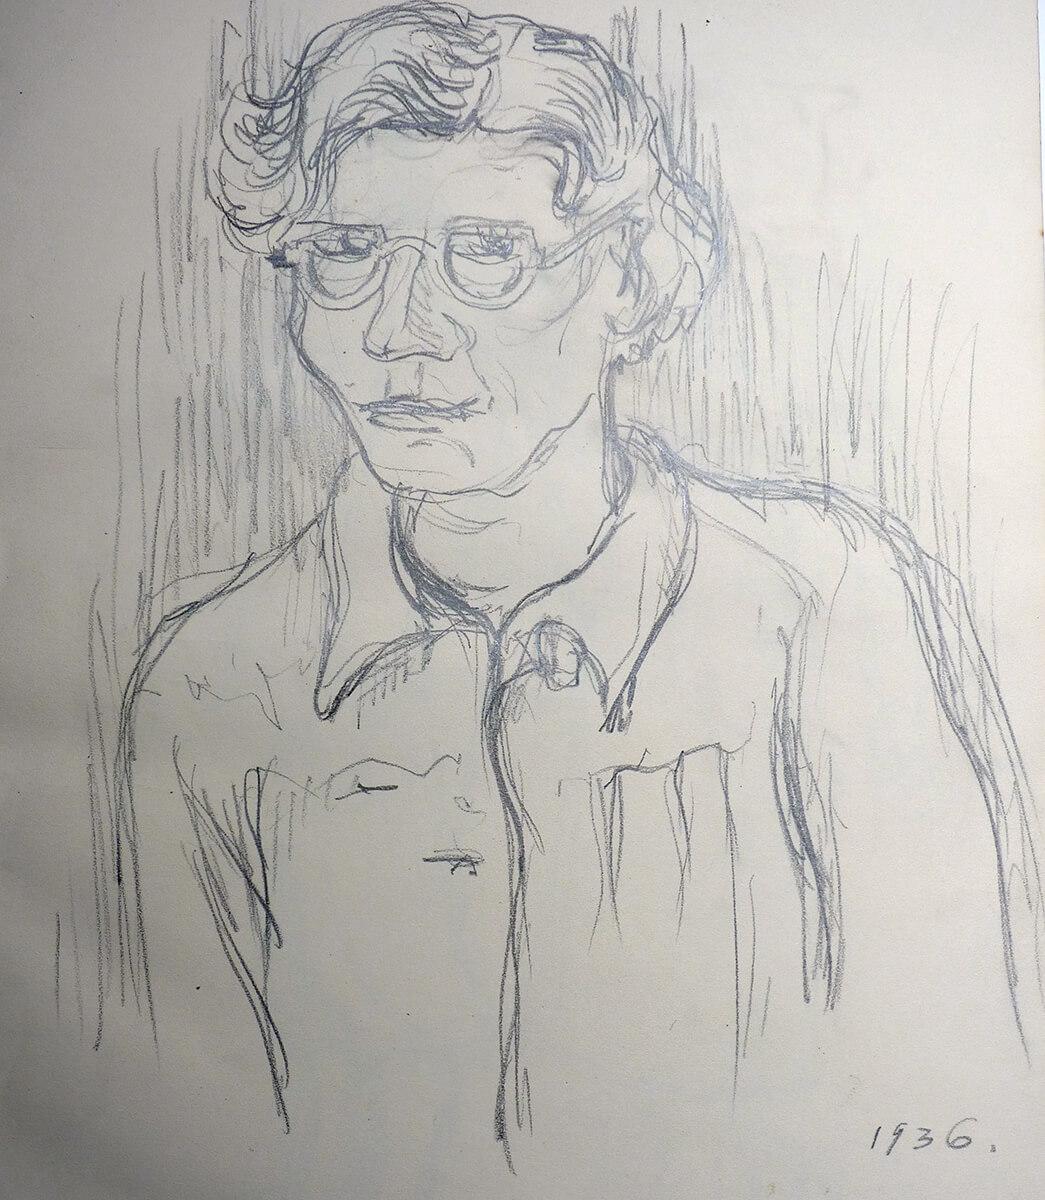 Gerda v. W. 1936 Bleistift-Zeichnung, Selbstbildnis